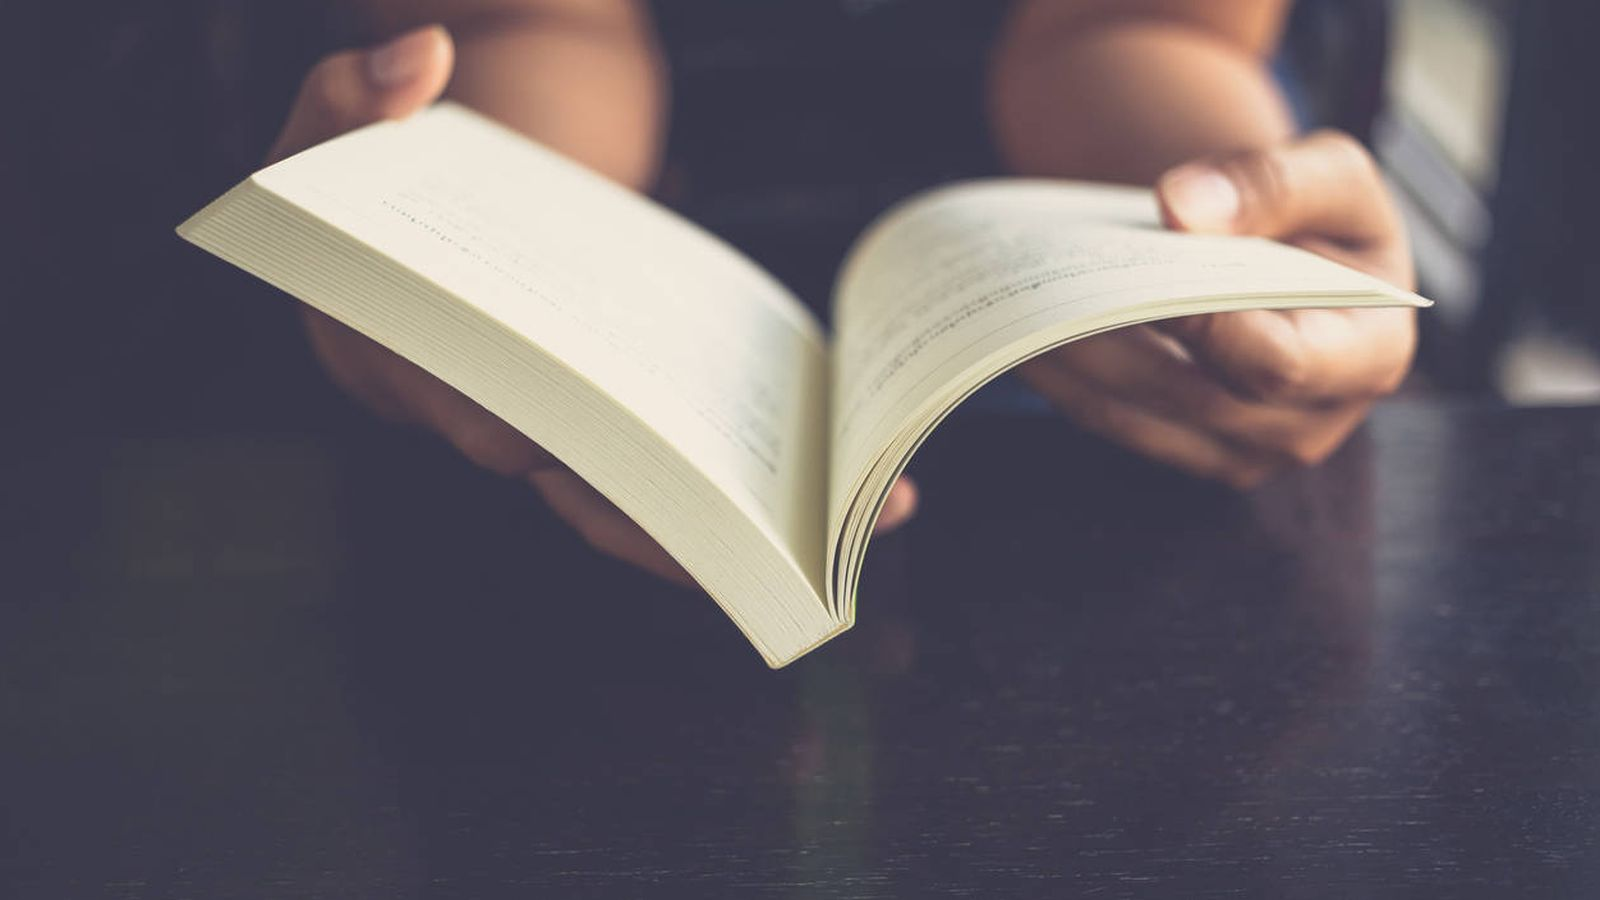 Educación: El método para leer tres veces más rápido, inventado por un profesor de Princeton